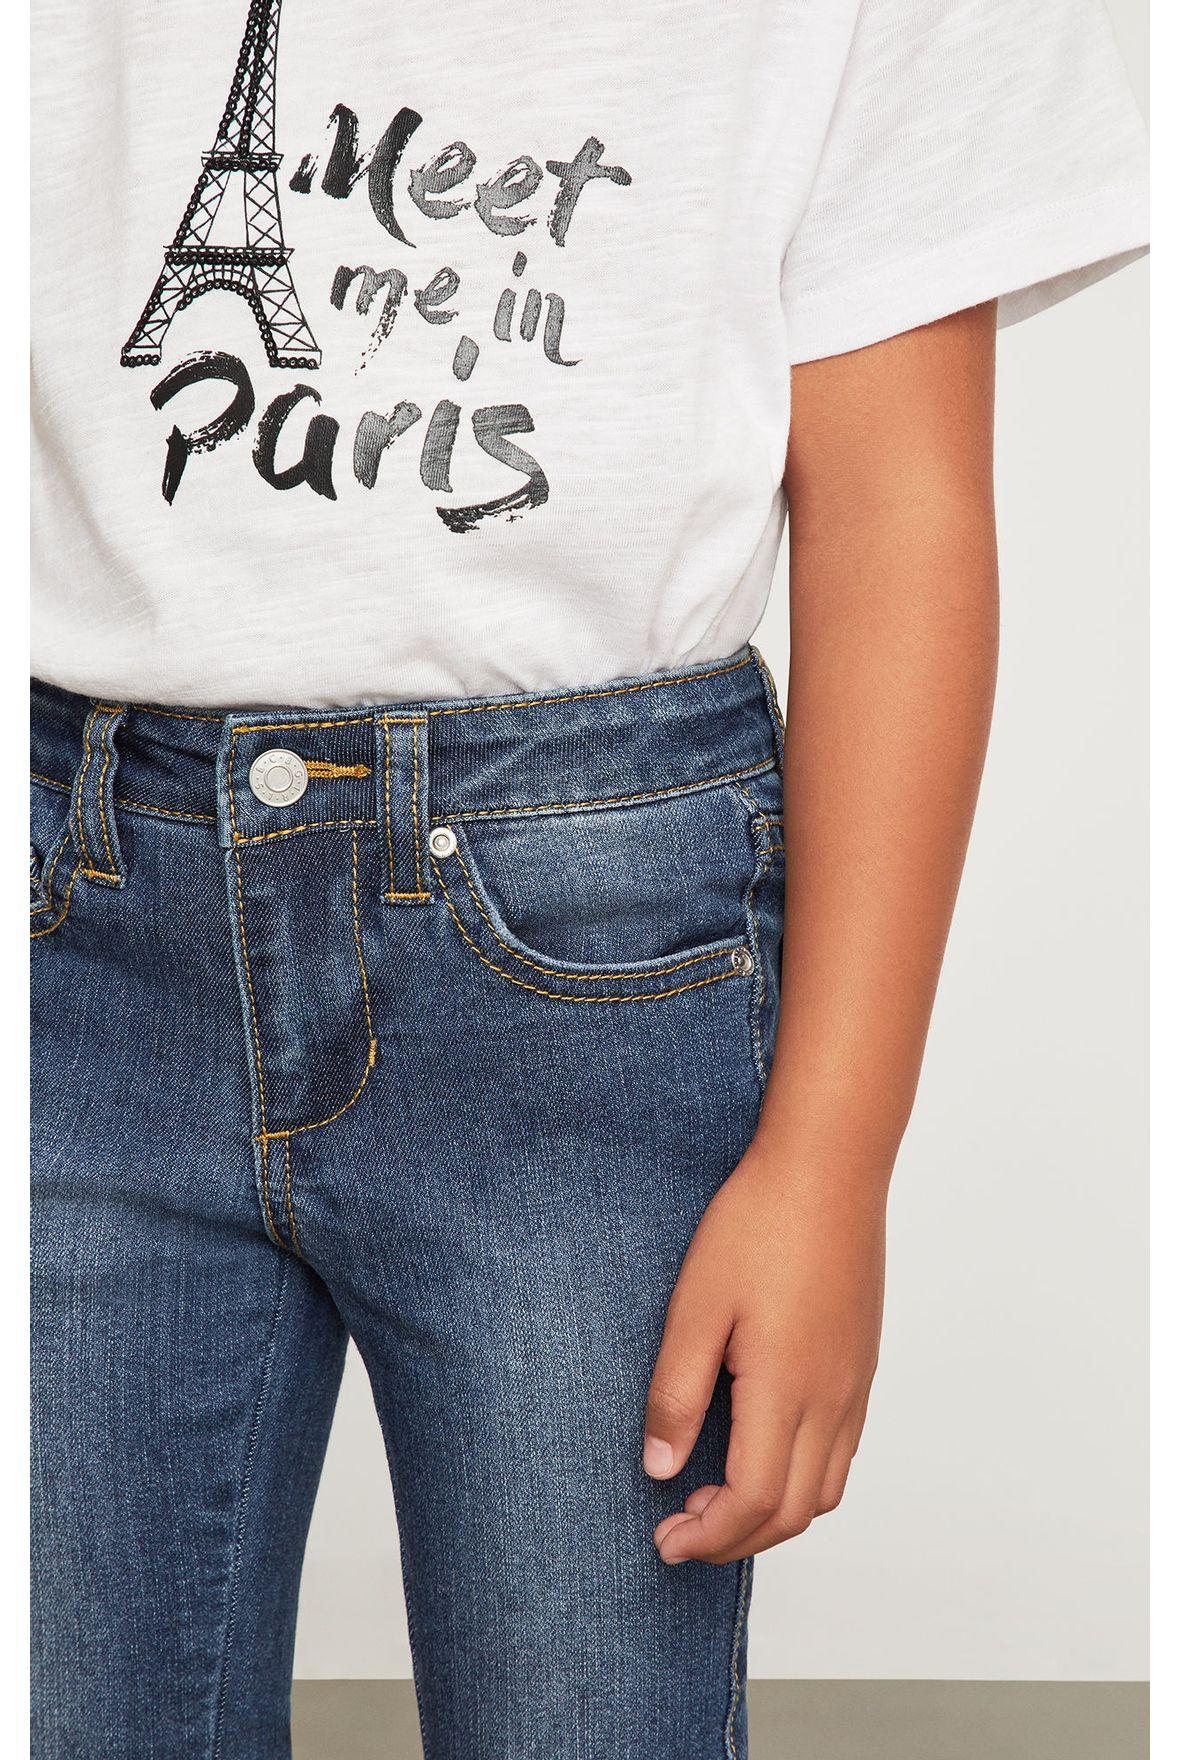 Camiseta-BCBGirls-blanca-meet-me-in-paris-B638SK215_WHT_c